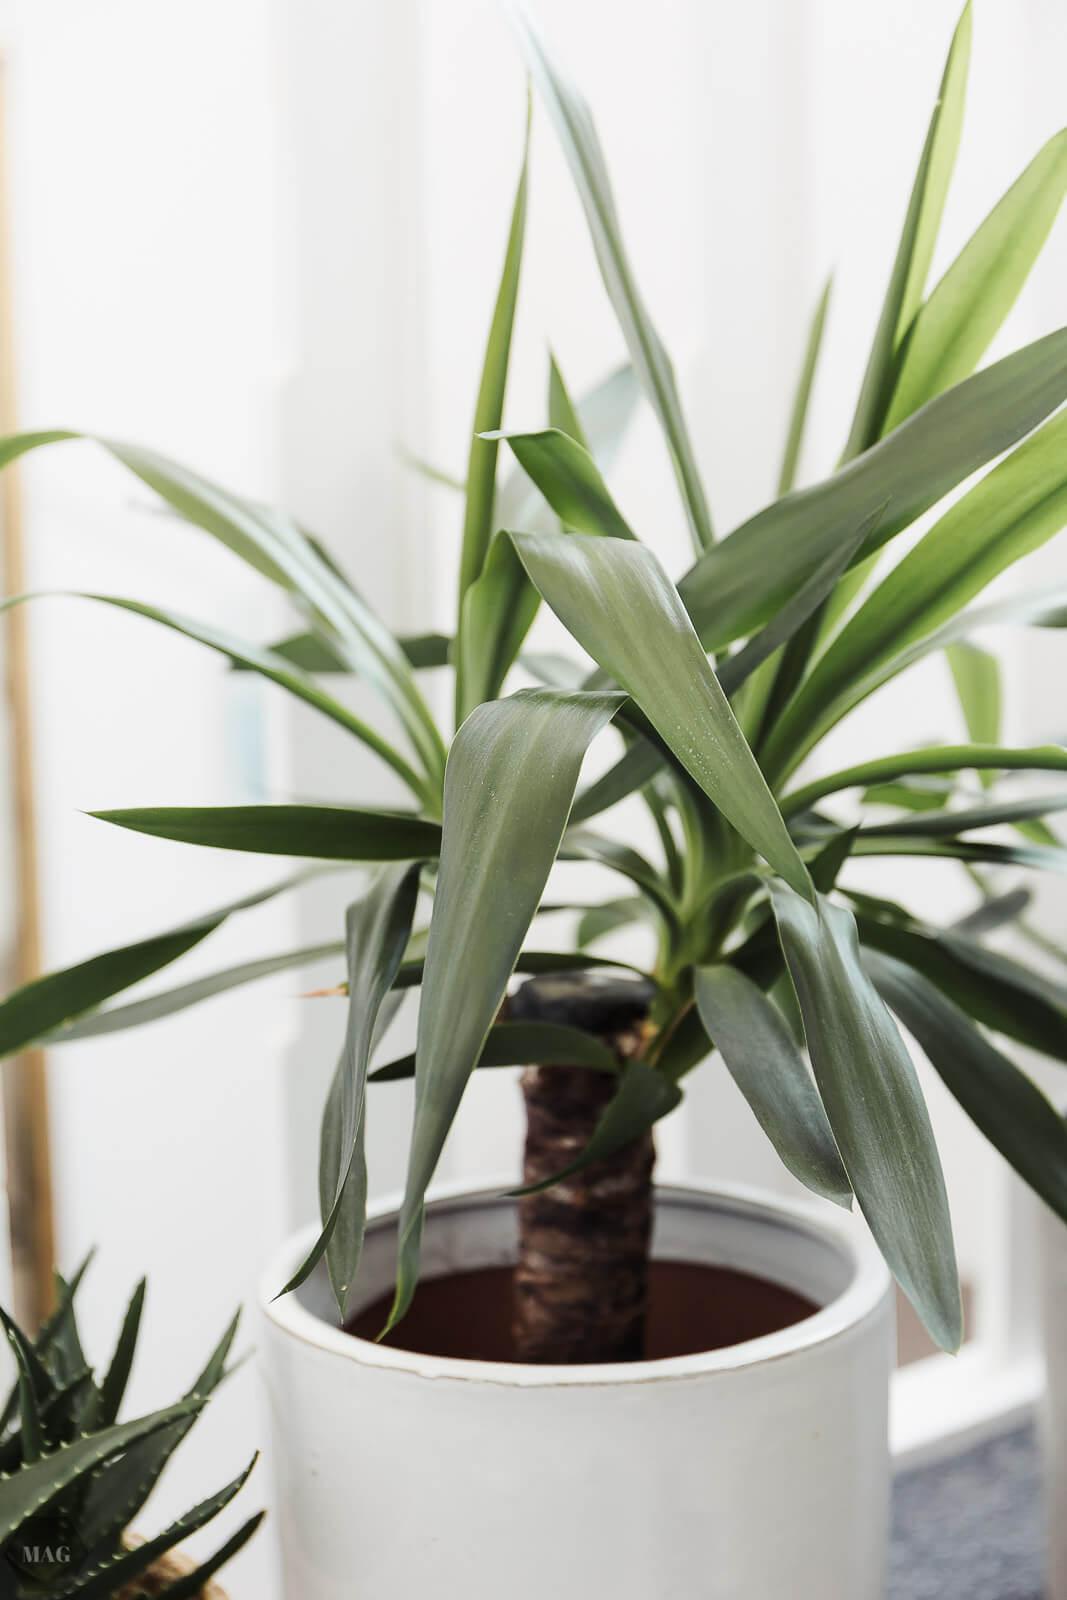 mein urban jungle pflanzen f r den schwarzen daumen bezugsquellen und gr nzeug impressionen. Black Bedroom Furniture Sets. Home Design Ideas